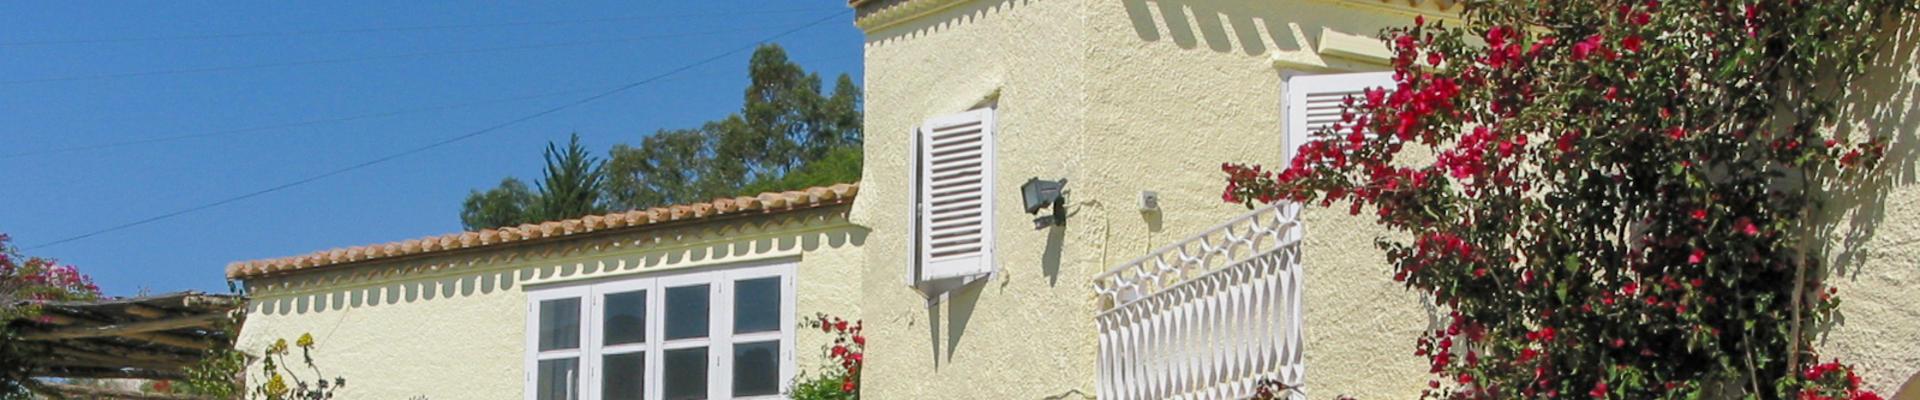 DV1438: 4 Bedroom Villa for Sale